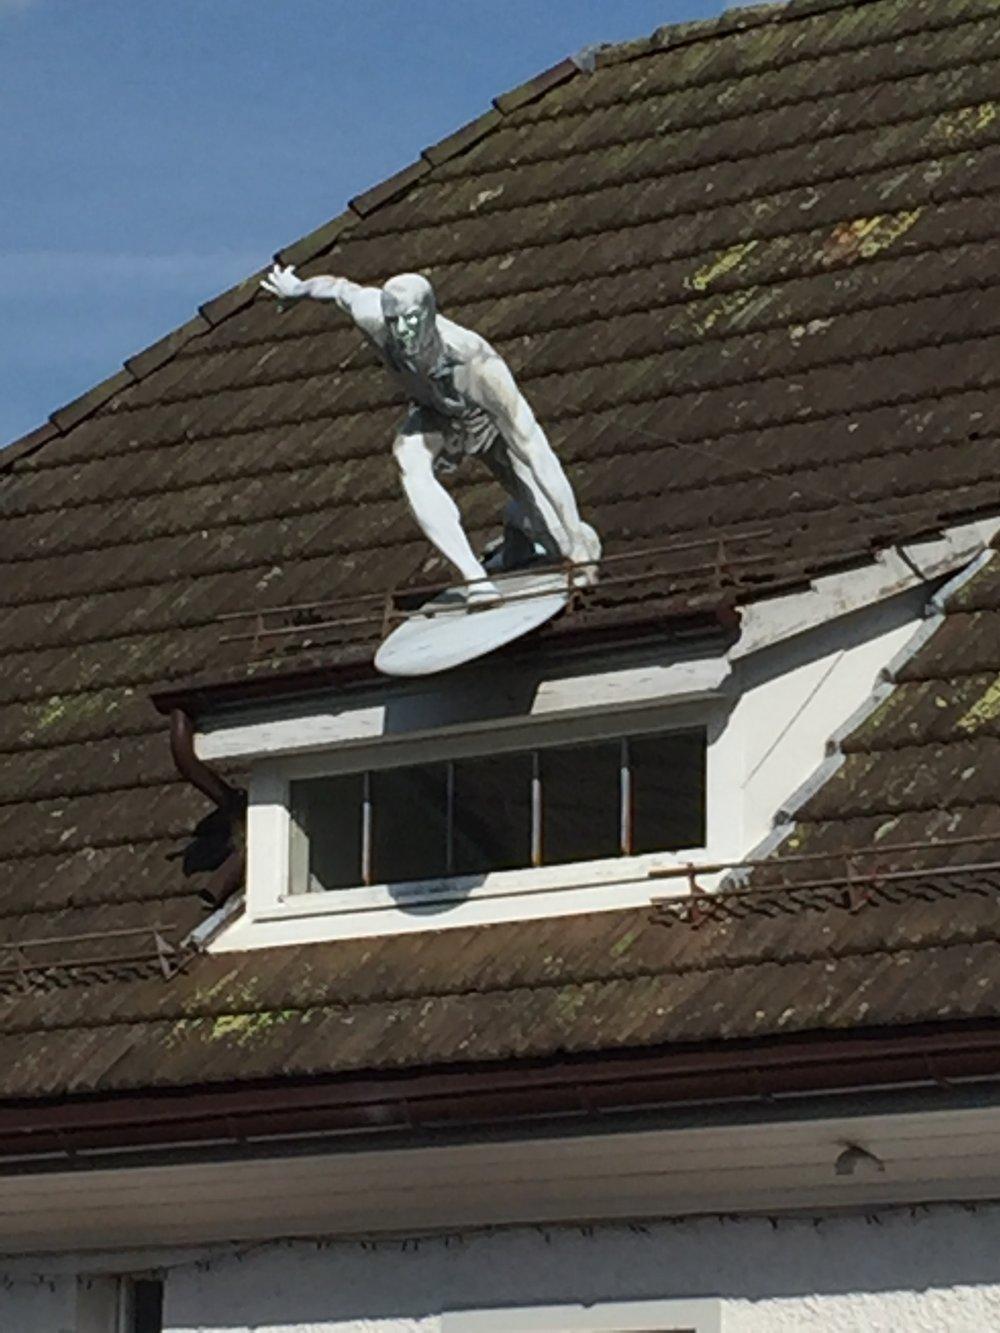 Un surfeur sur le toit, rien de plus beau pour agrémenter la maison dans les Alpes !